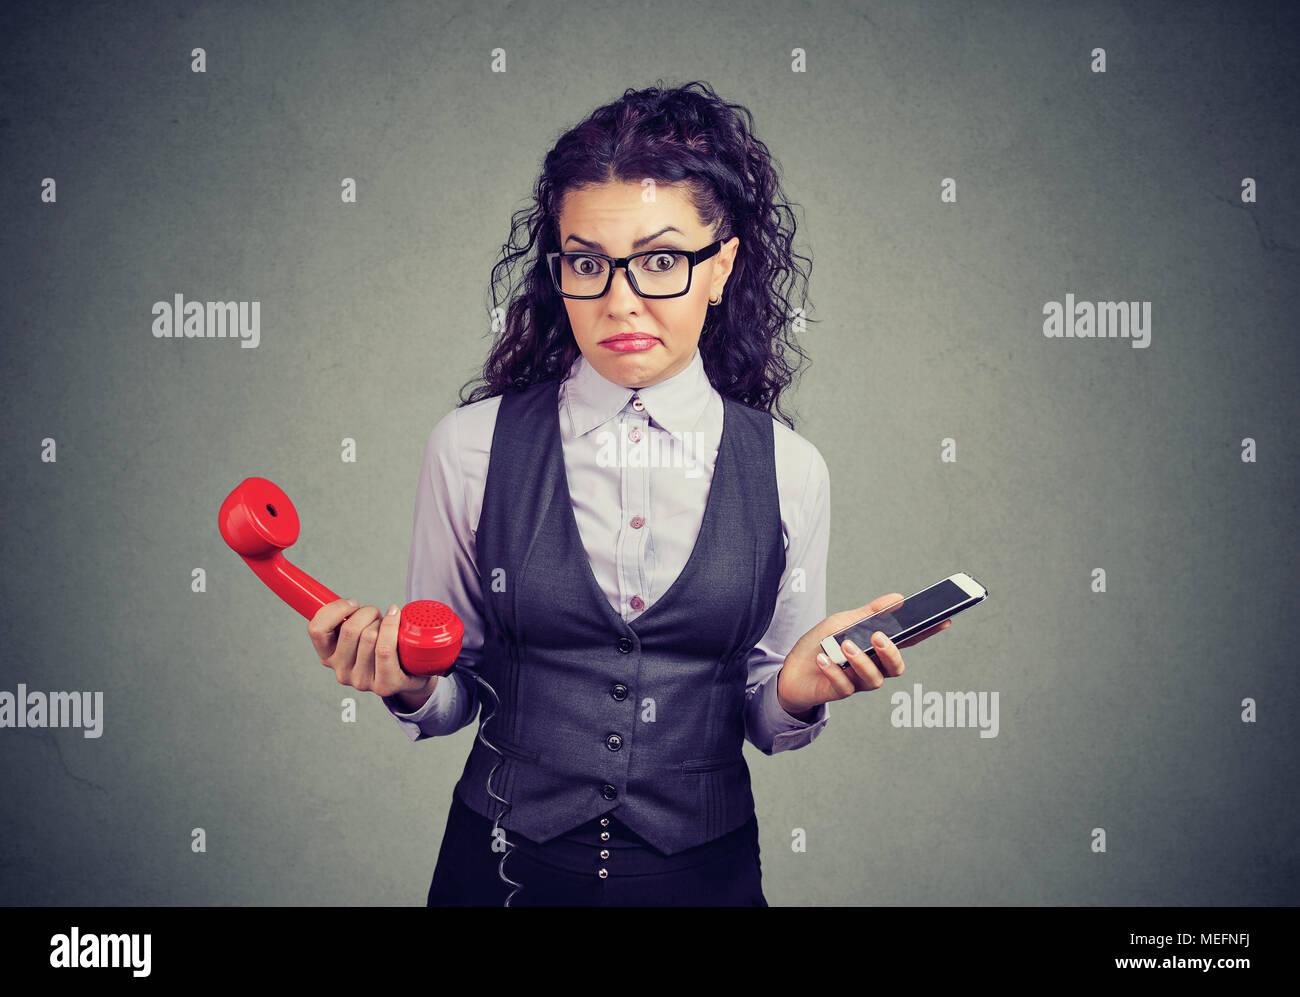 Mujer formal en vidrios celebración de teléfono antiguo y nuevo smartphone mirando perplejos ante la cámara. Imagen De Stock